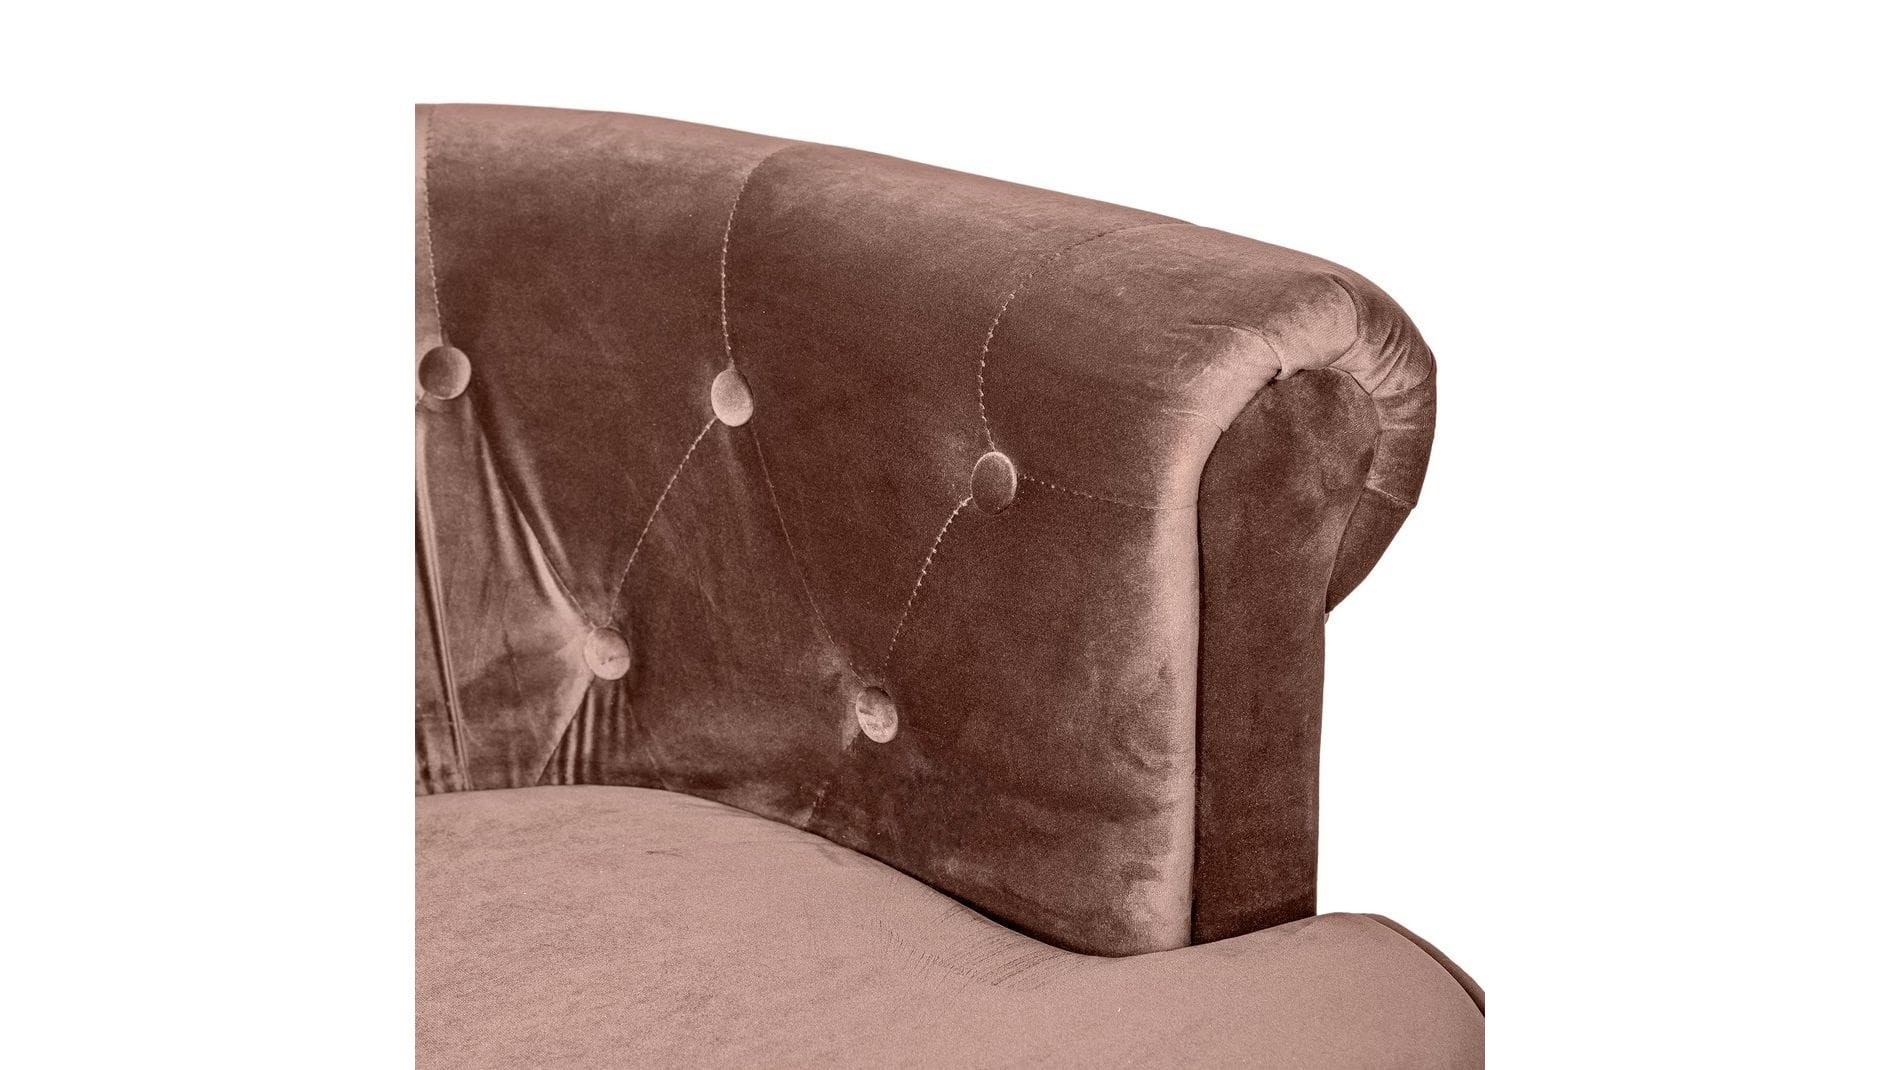 Кресло William Thackeray Коричневое